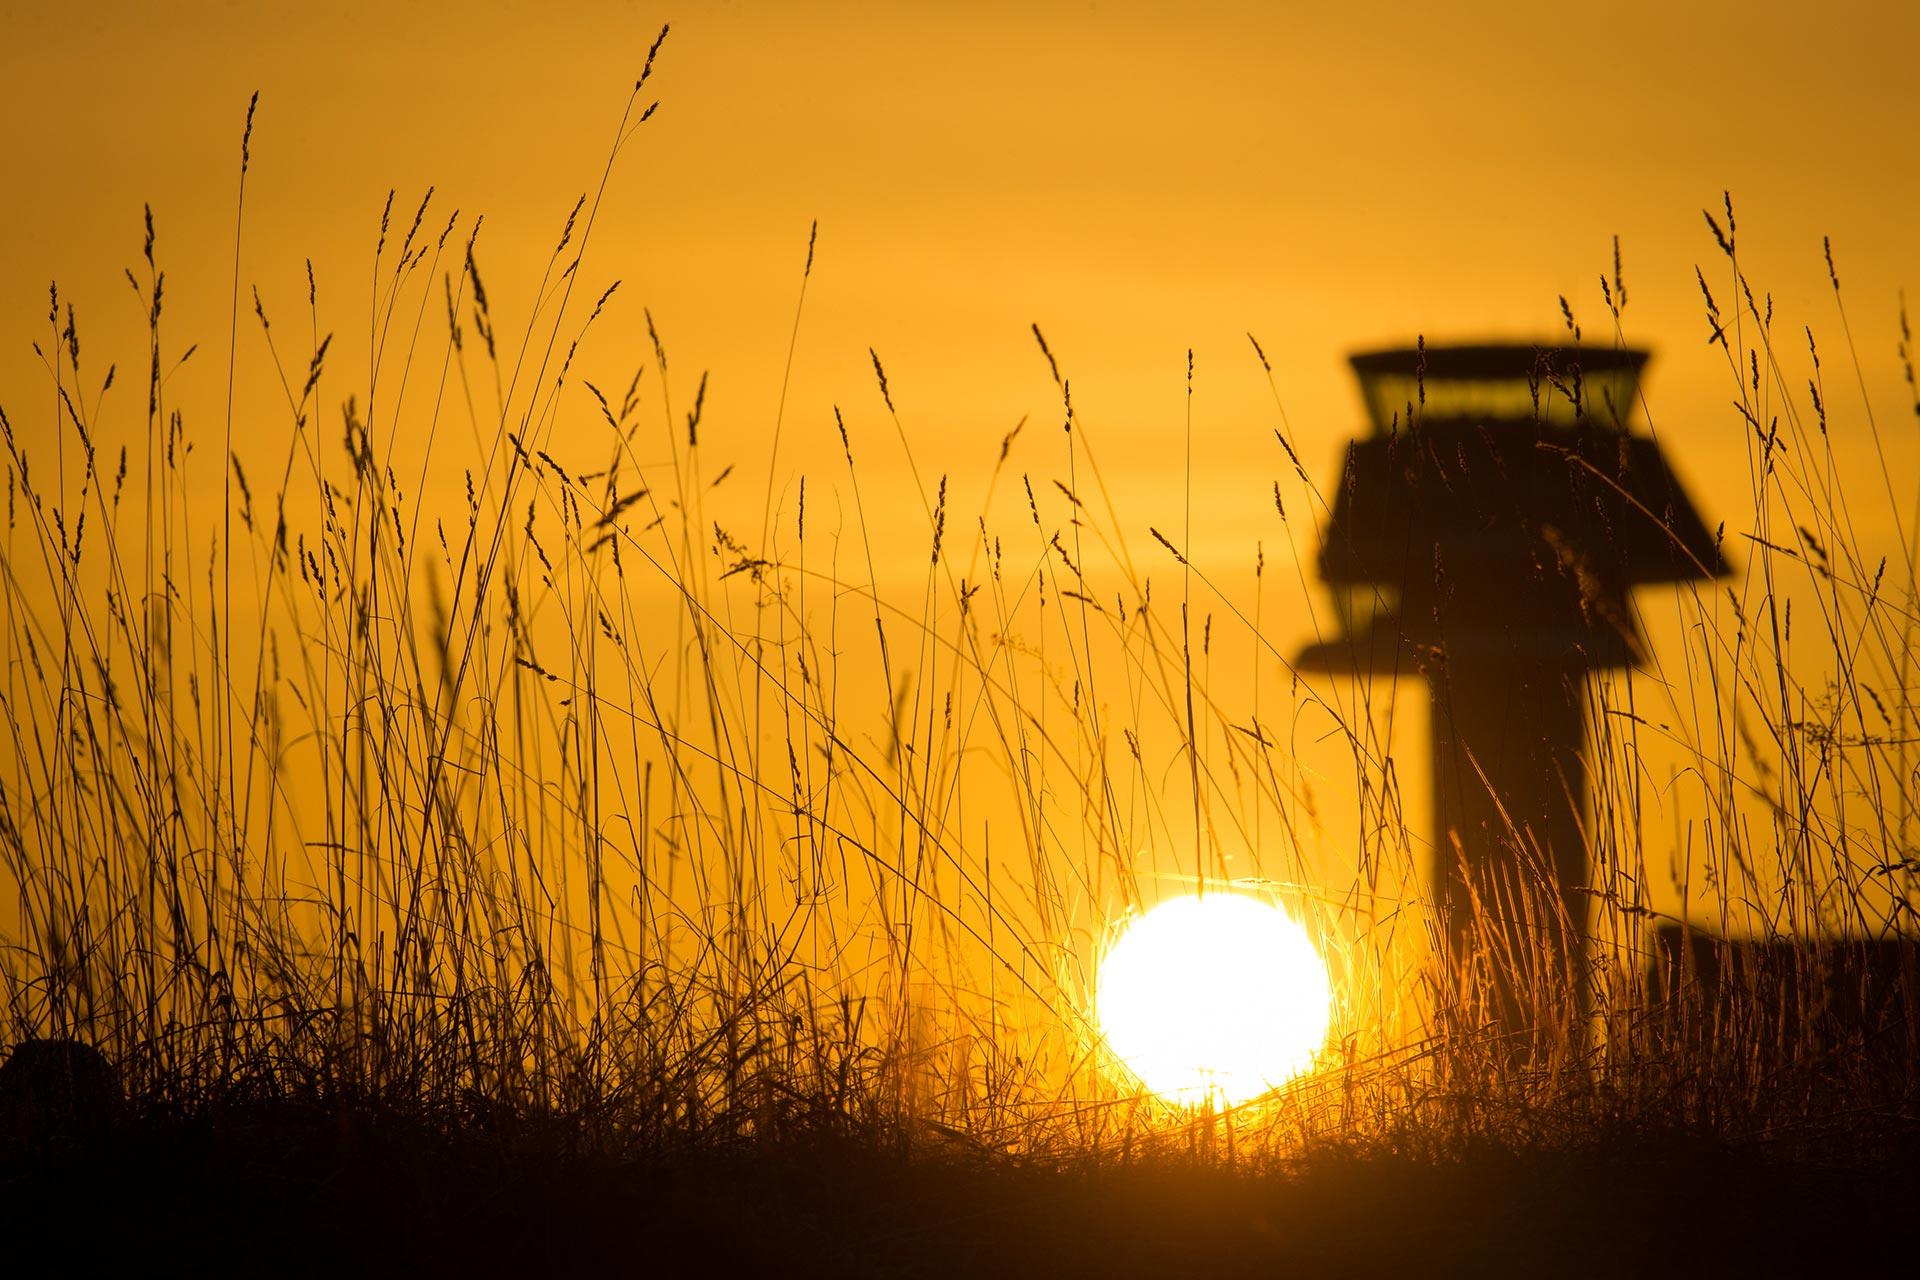 Vi över Arlanda flygplats i solnedgång. Fotograf: Pressbild